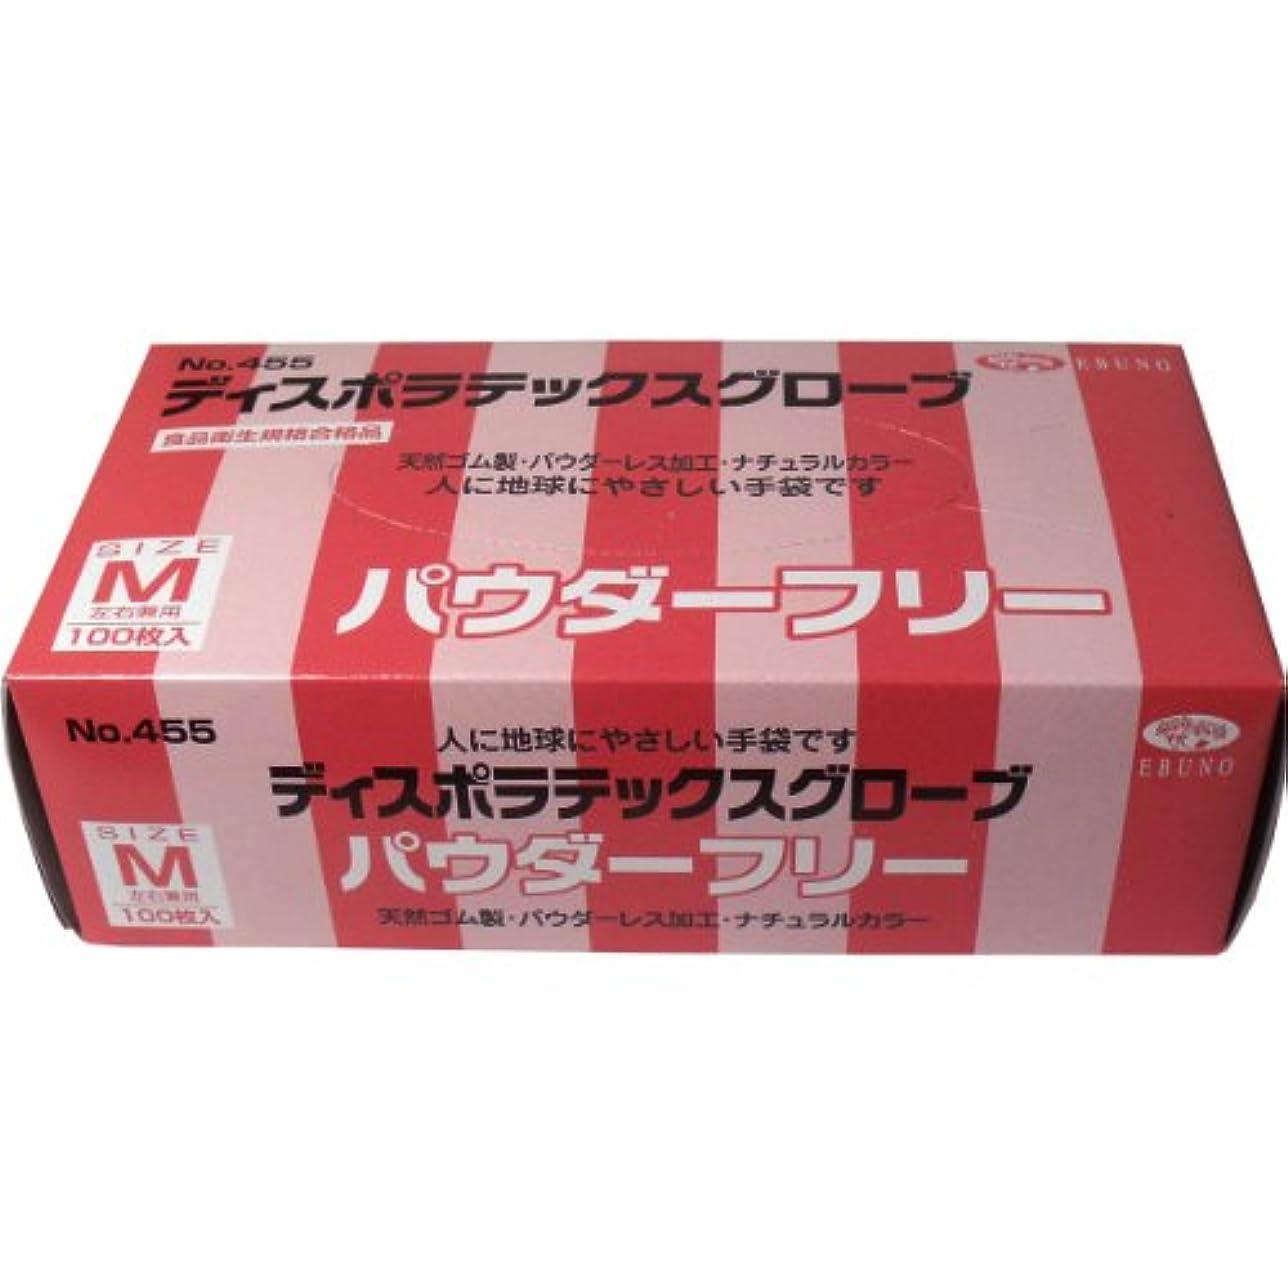 流産ステッチ発音ディスポ ラテックスグローブ(天然ゴム手袋) パウダーフリー Mサイズ 100枚入×10個セット